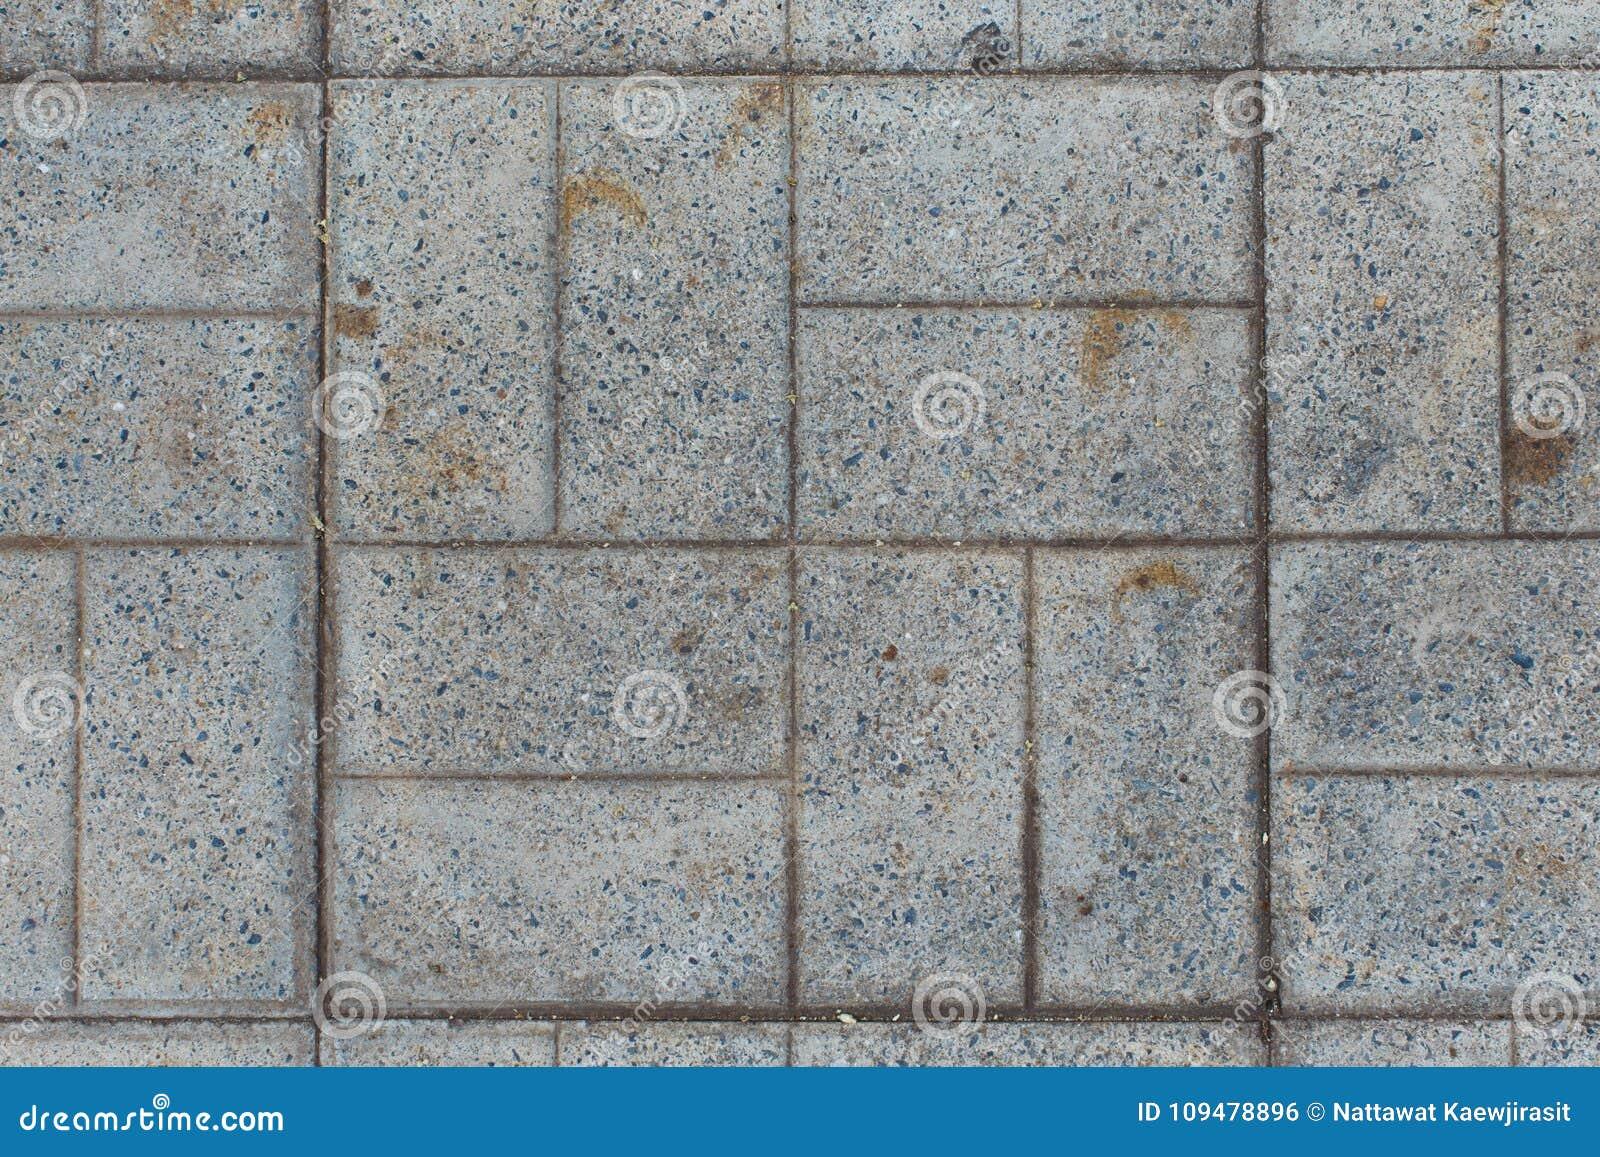 Cement Floor Texture Detail Art Stock Photo Image Of Outdoor